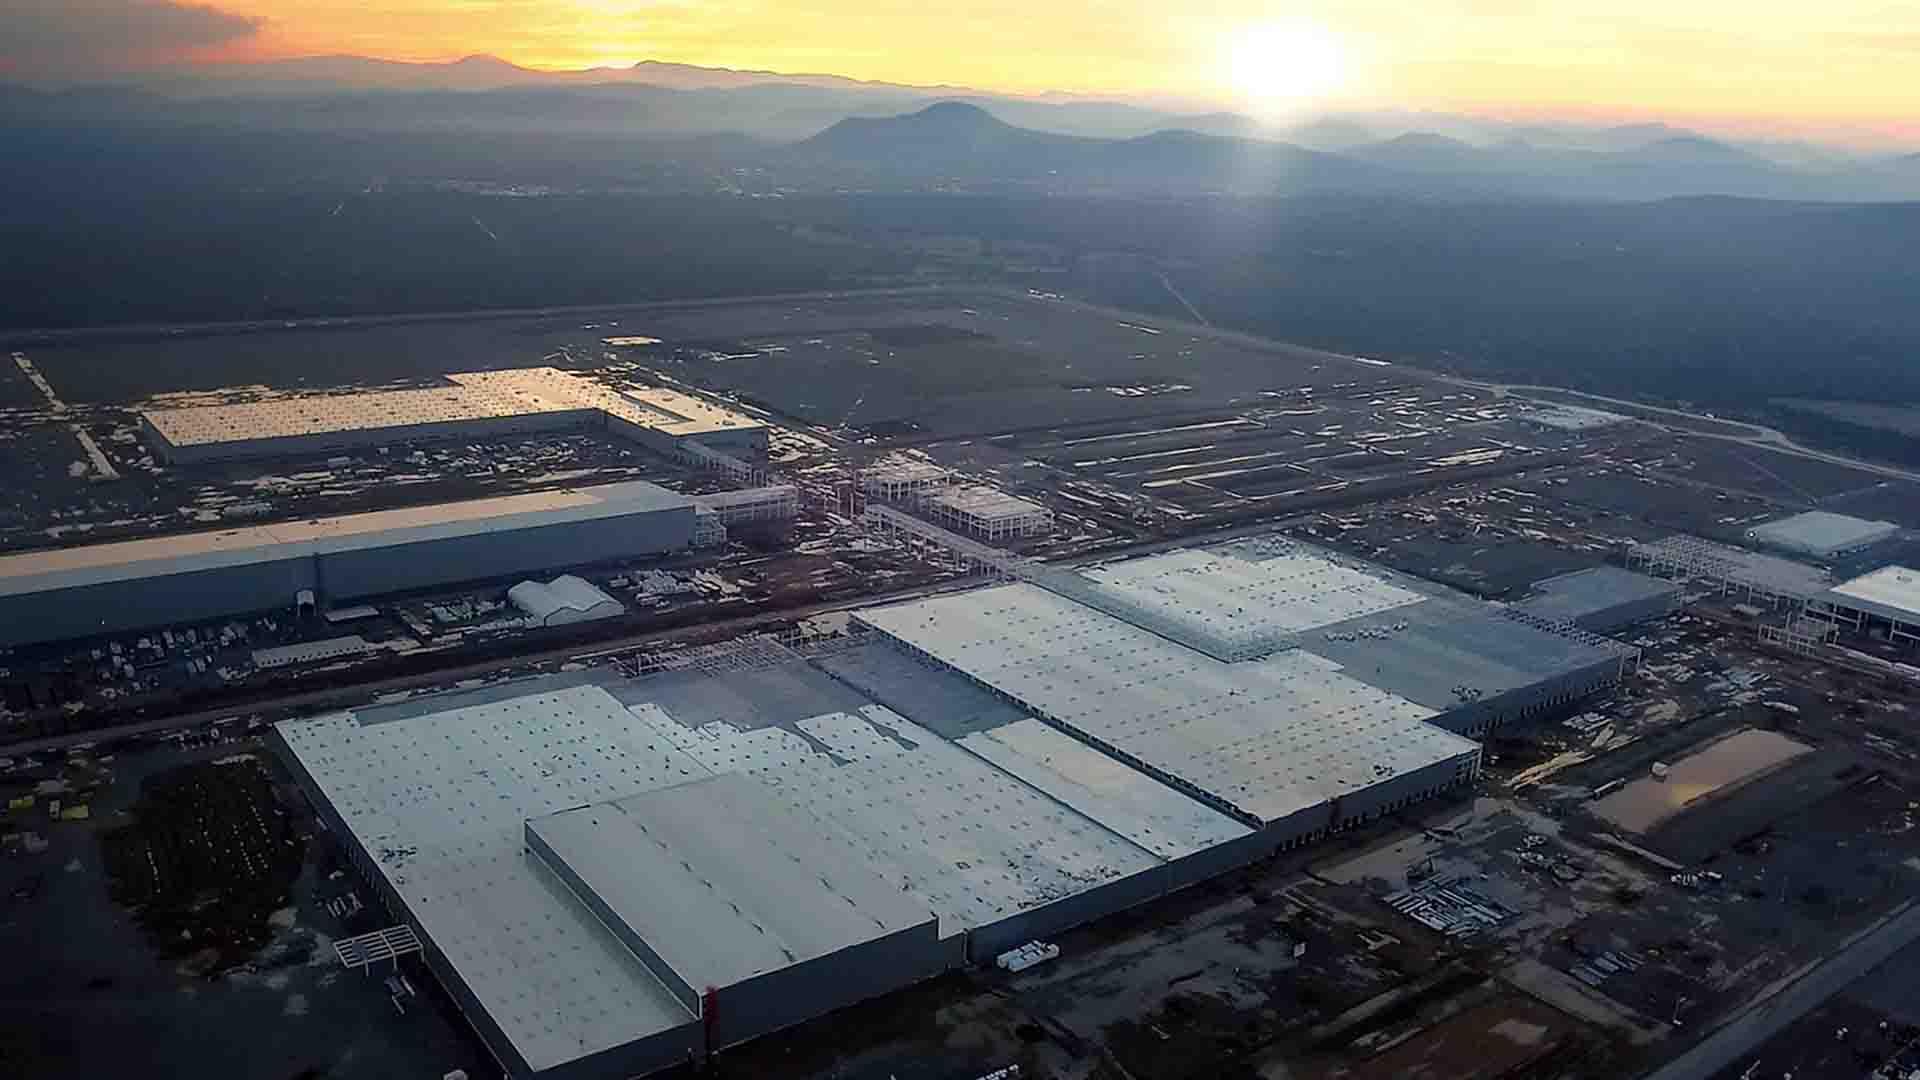 Das Bild zeigt eine Luftaufnahme. Auf dieser Luftaufnahme ist ein Werk von BMW zu erkennen. Der Hintergrund des Bildes ist durch Berge ausgefüllt. Hinter diesen Bergen geht die Sonne unter. Das Bild dient als Sliderbild für den Portfolioeintrag BMW Plant San Luis Potosí Mexico von Panda Pictures.